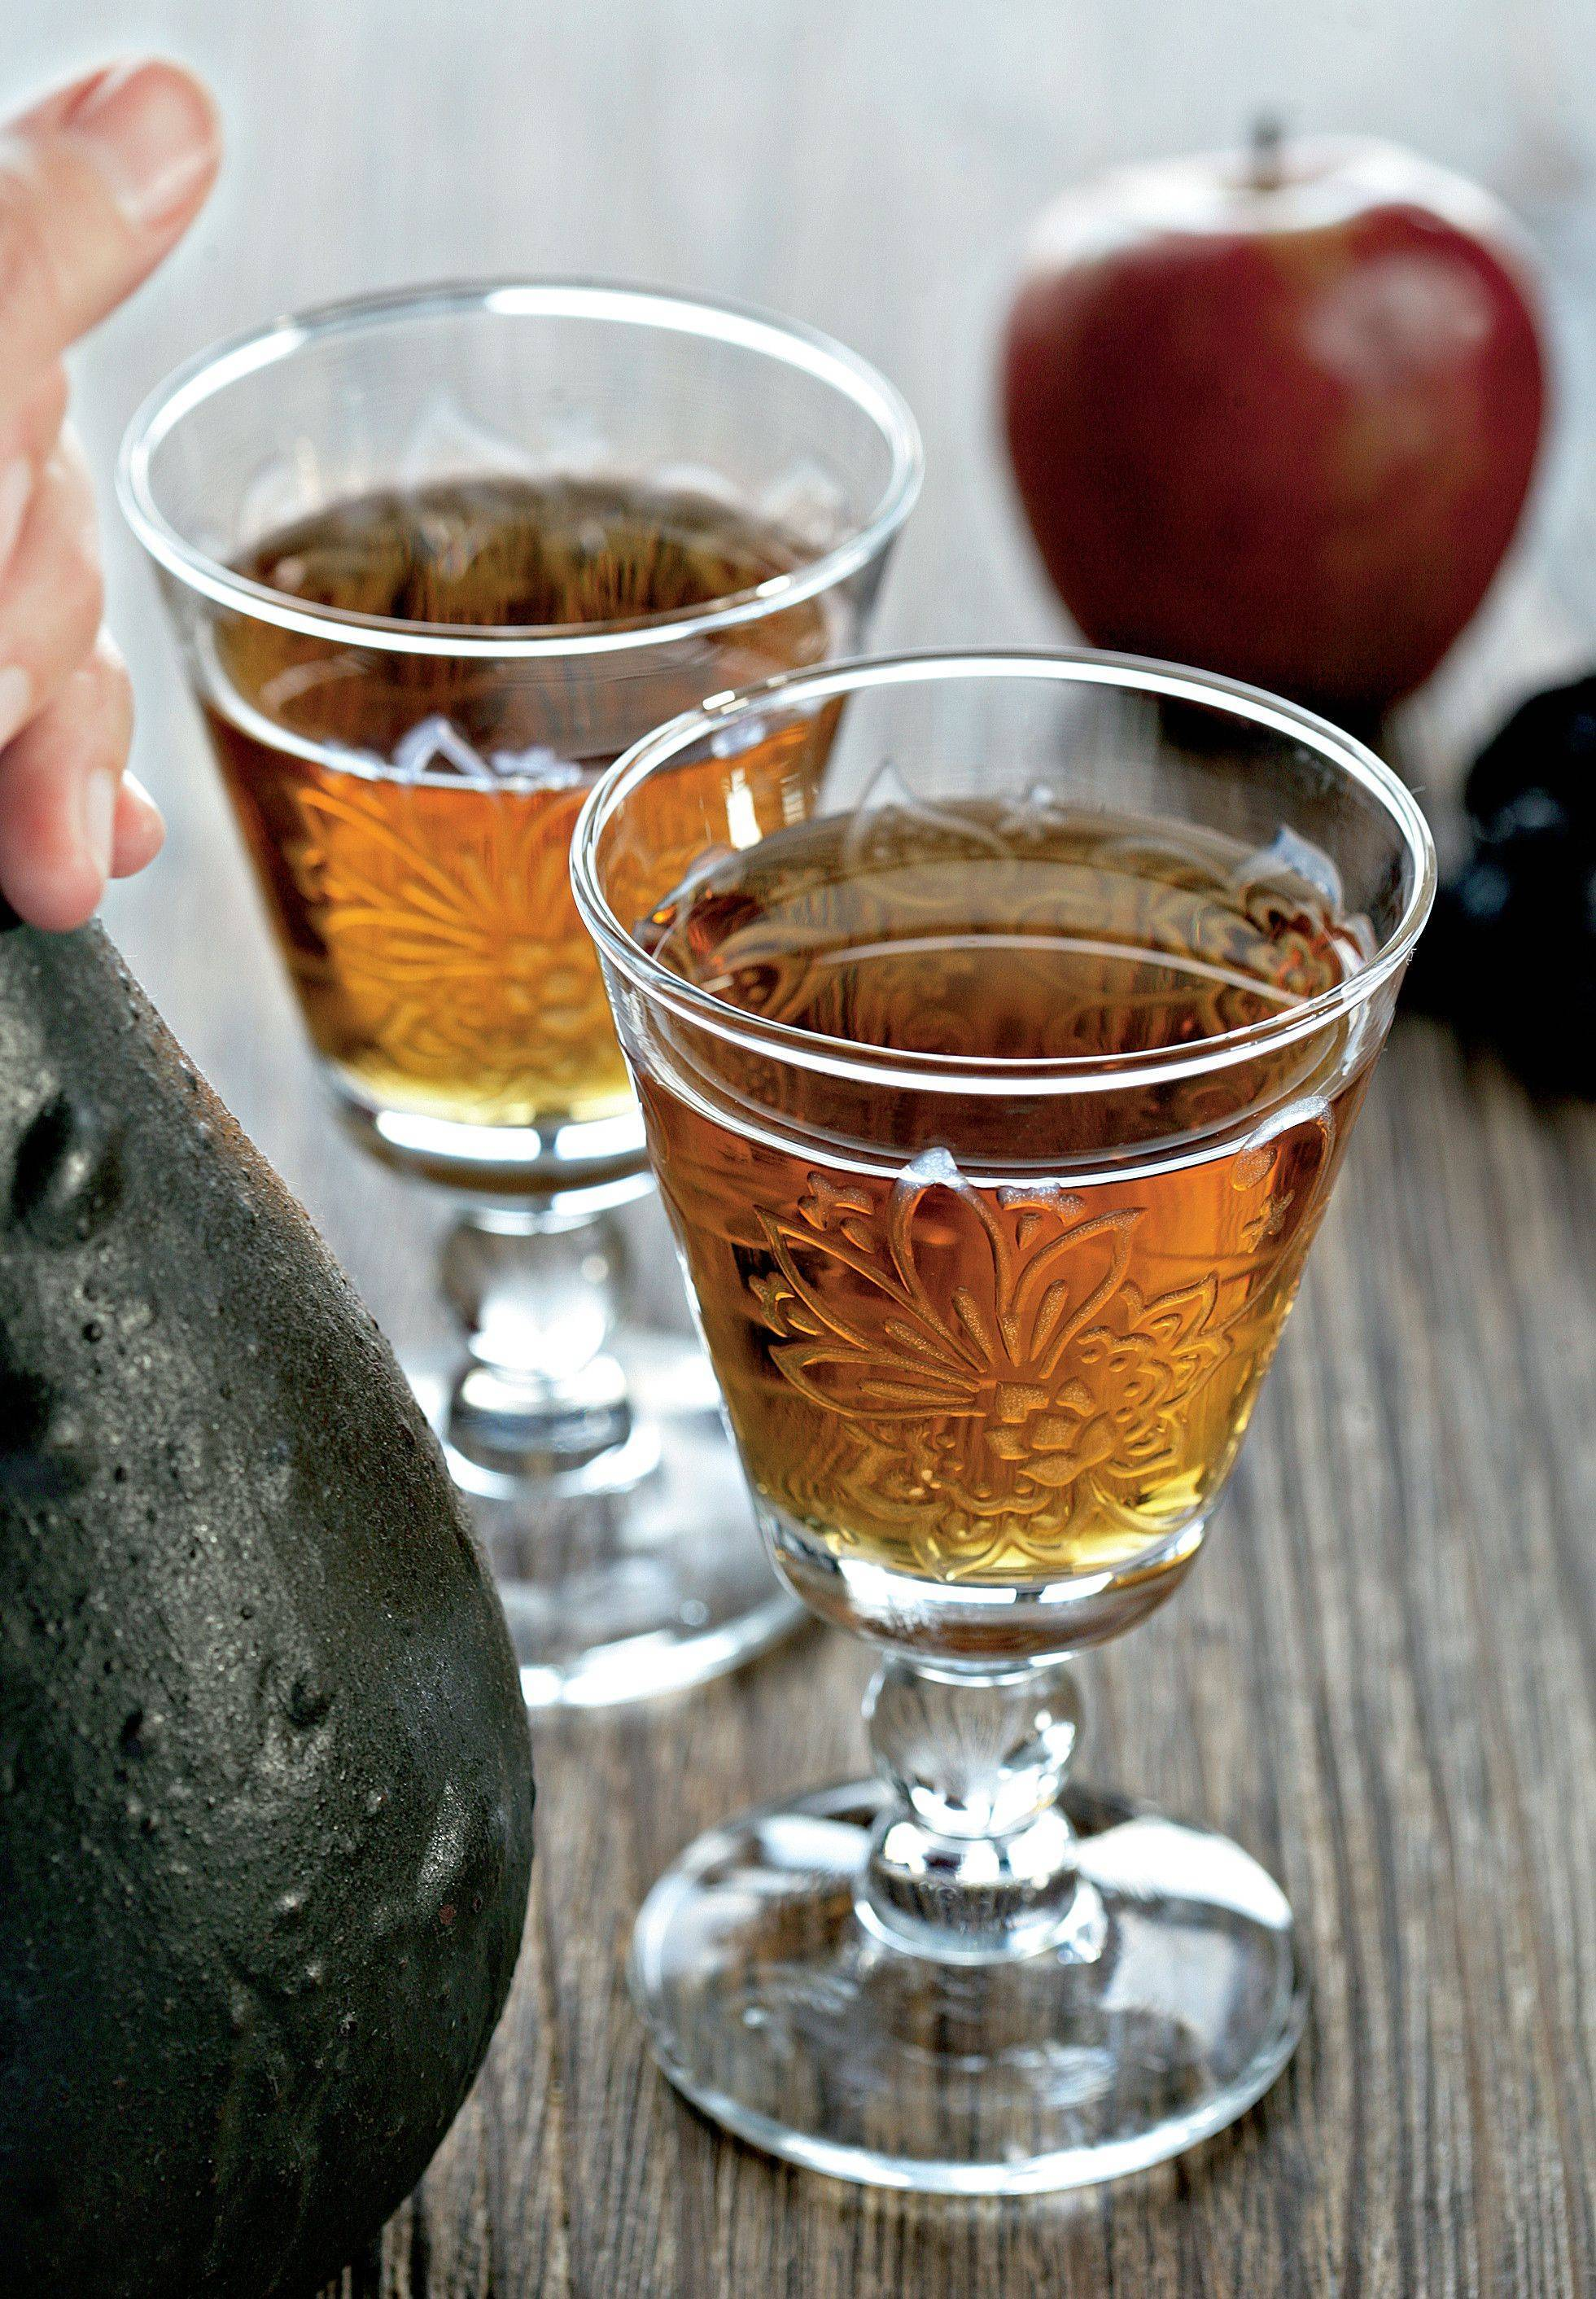 Рецепты домашнего яблочного вина на любой вкус